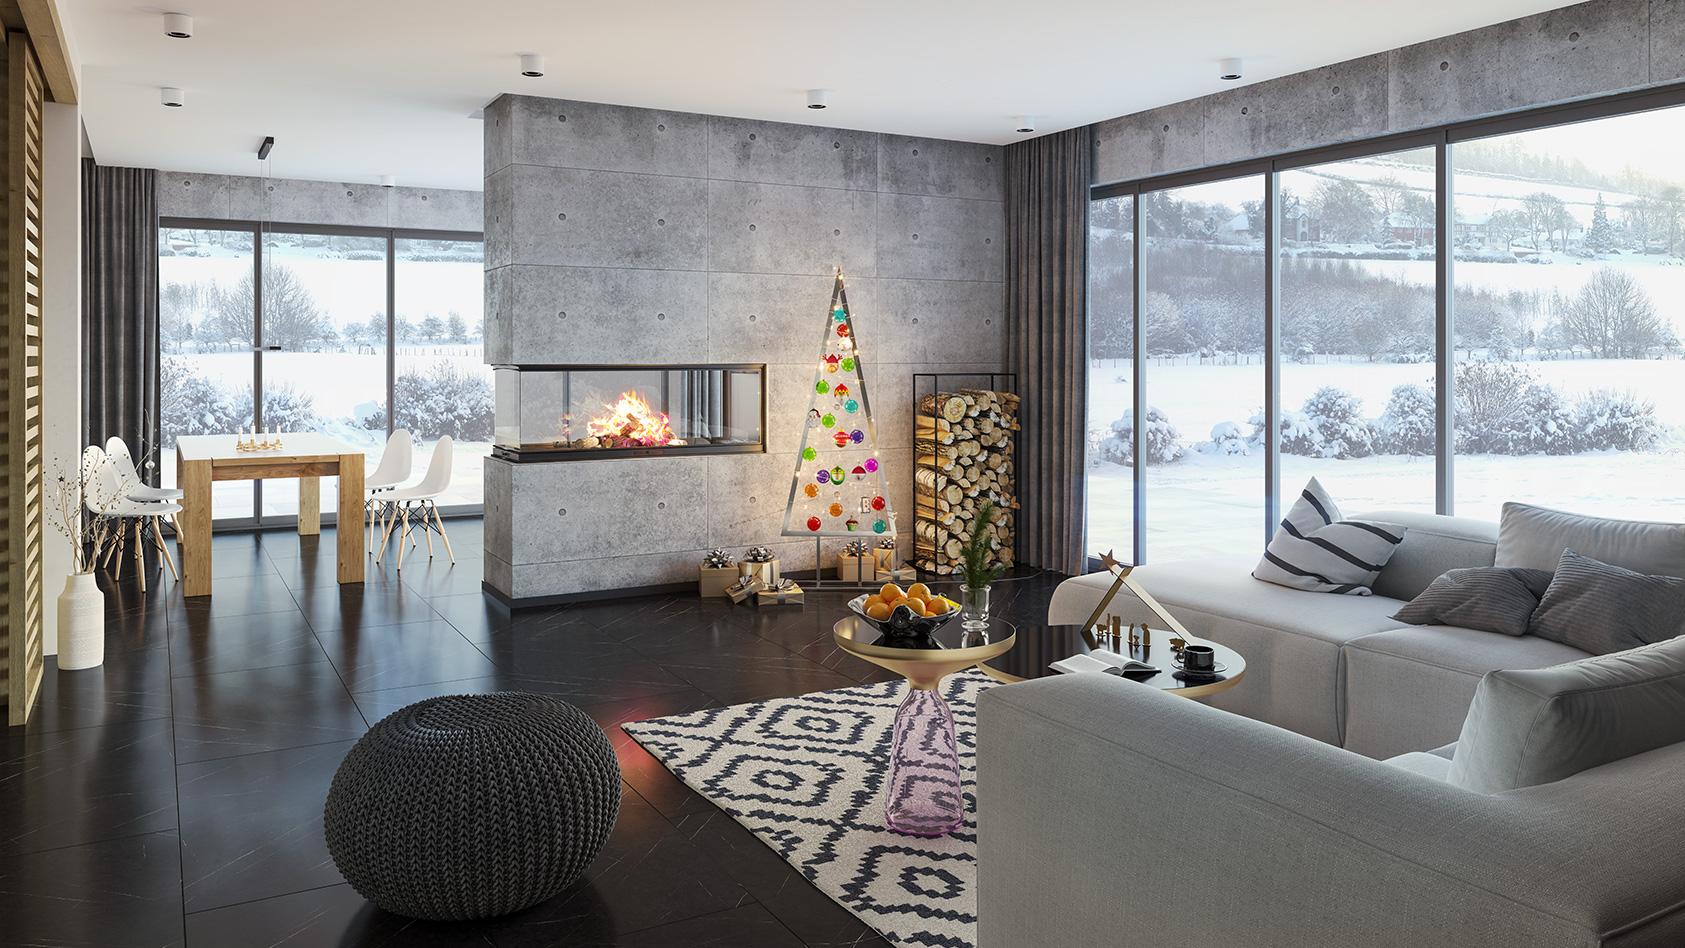 Full Size of Das Weihnachtliche Wohnzimmer Inspirationen Und Ideen Cairode Vitrine Weiß Hängeschrank Hochglanz Deckenleuchten Vinylboden Tapeten Stehlampen Tischlampe Wohnzimmer Wohnzimmer Ideen